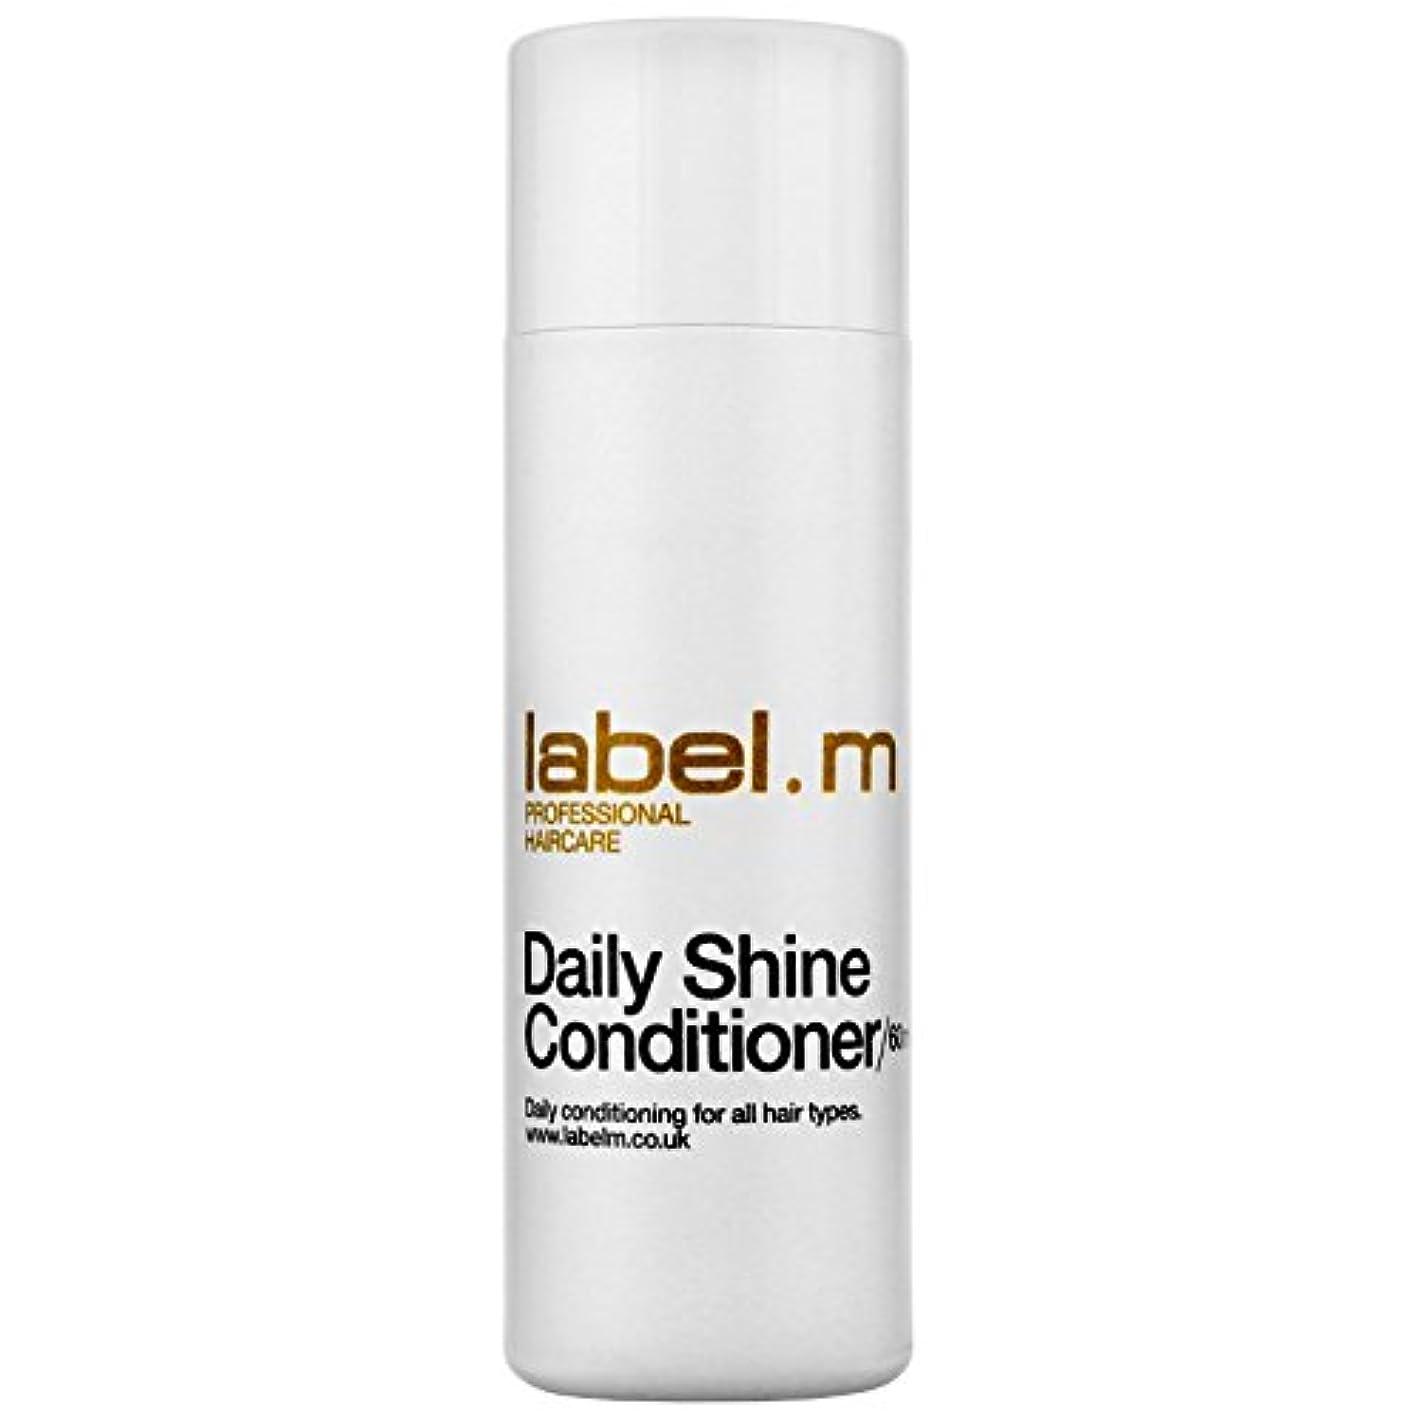 抜け目がない誤解増幅Label.M Professional Haircare ラベルMデイリーシャインコンディショナー60ミリリットルによって条件